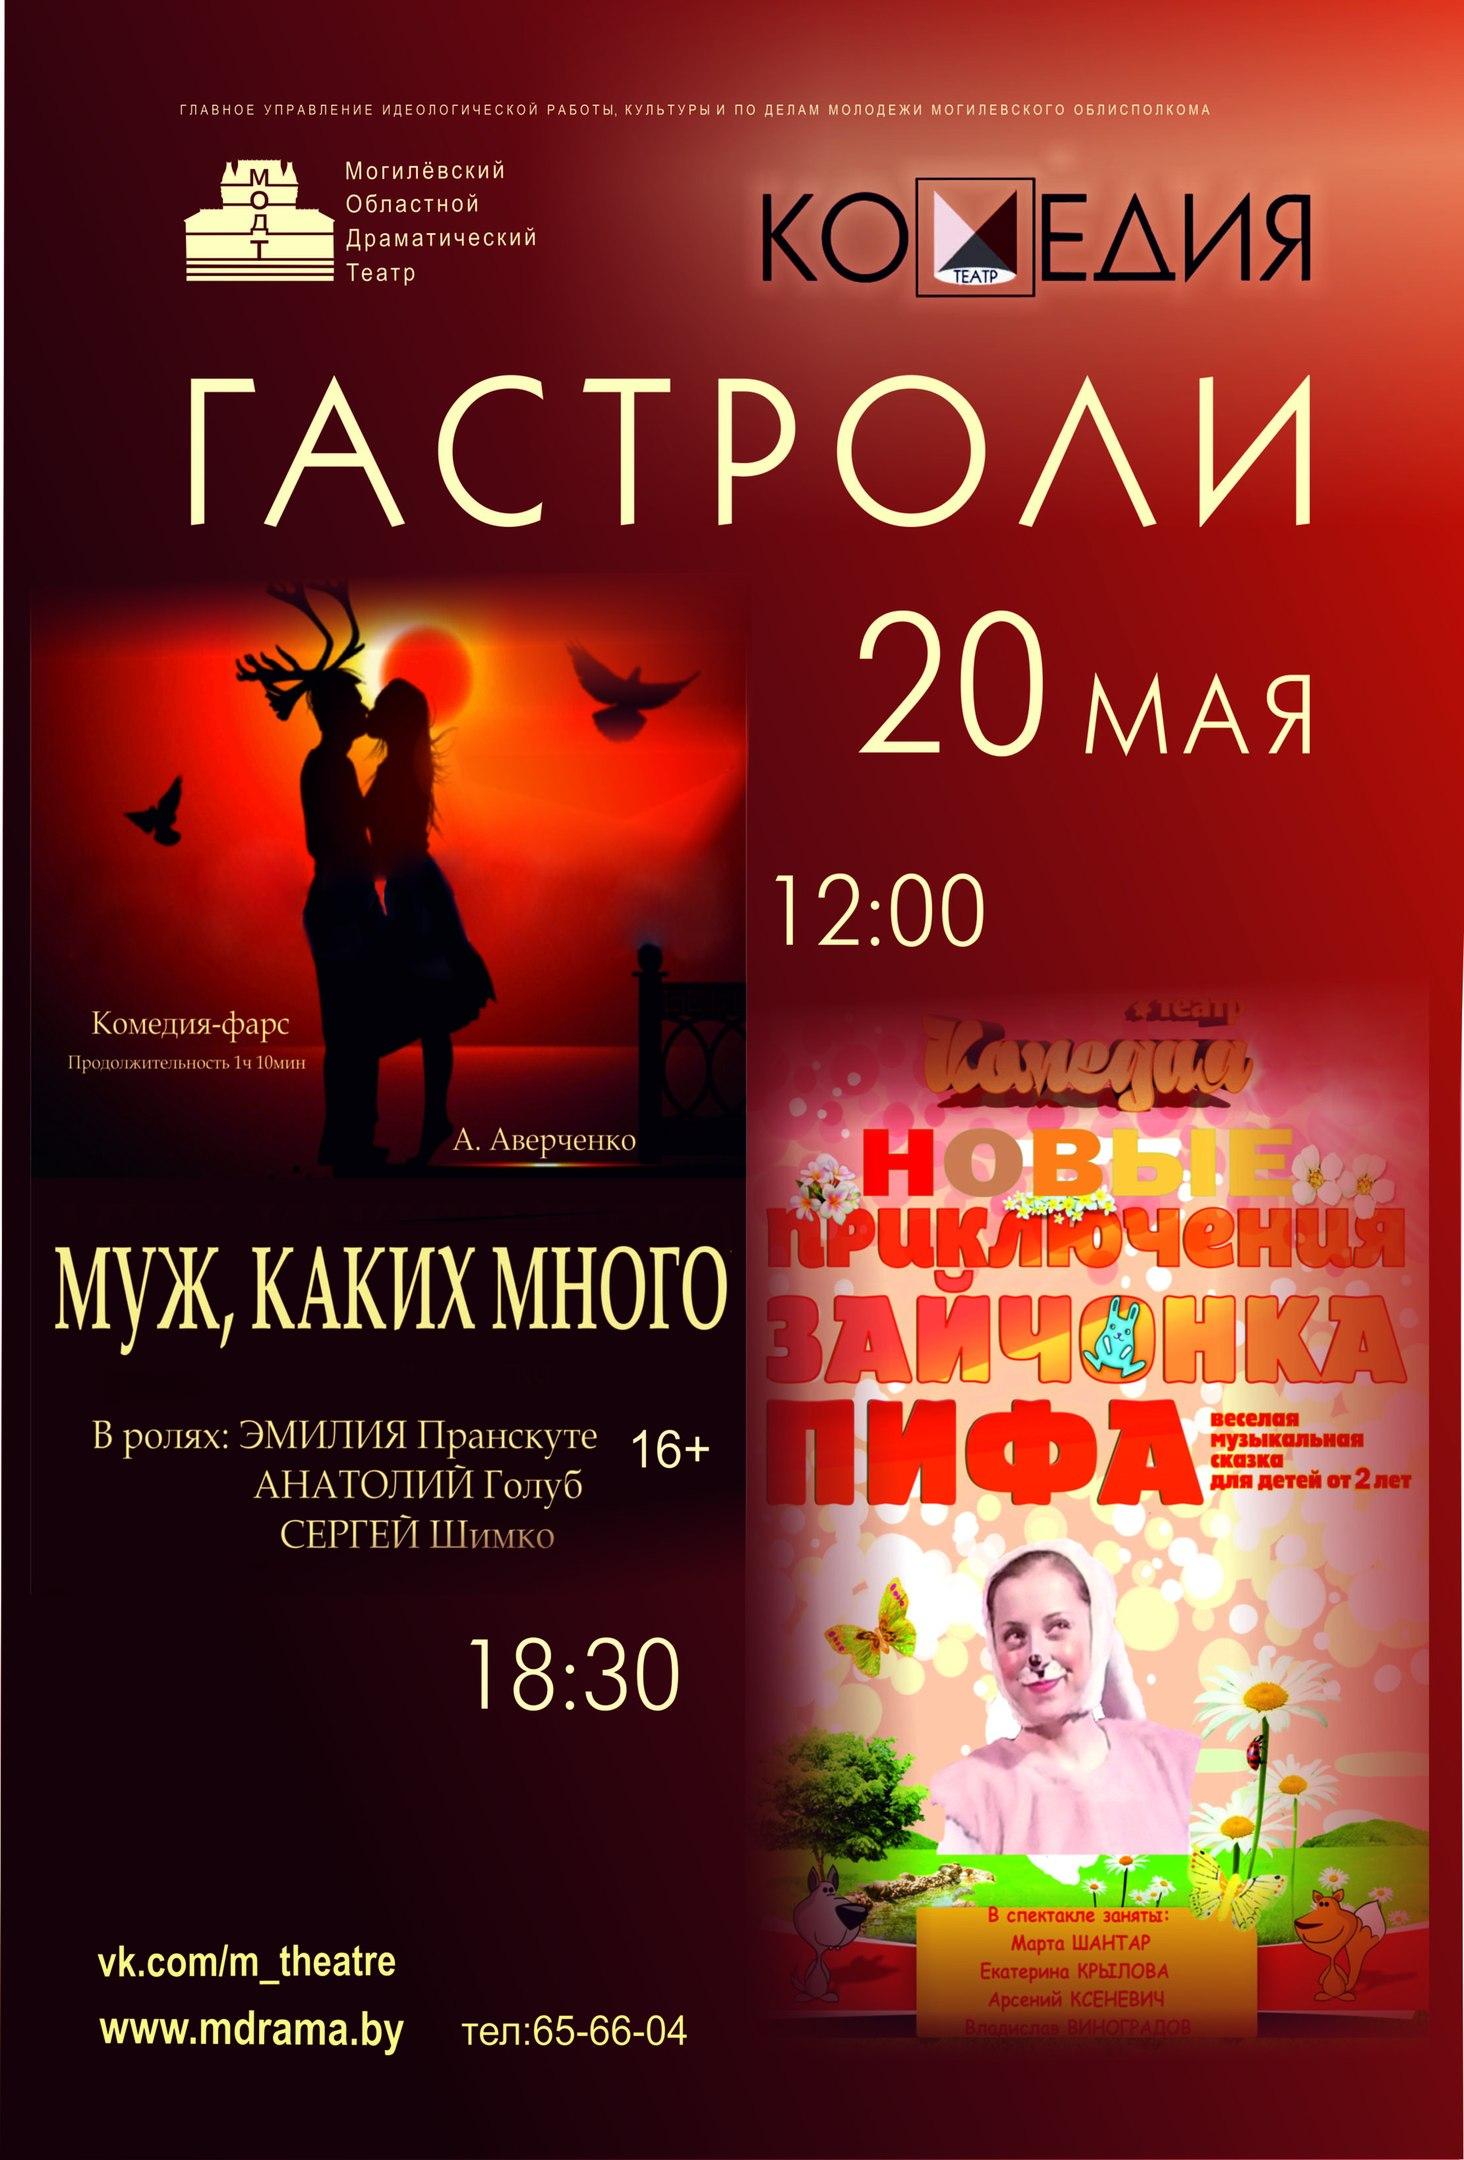 Гастроли театра КОМЕДИЯ в Могилеве